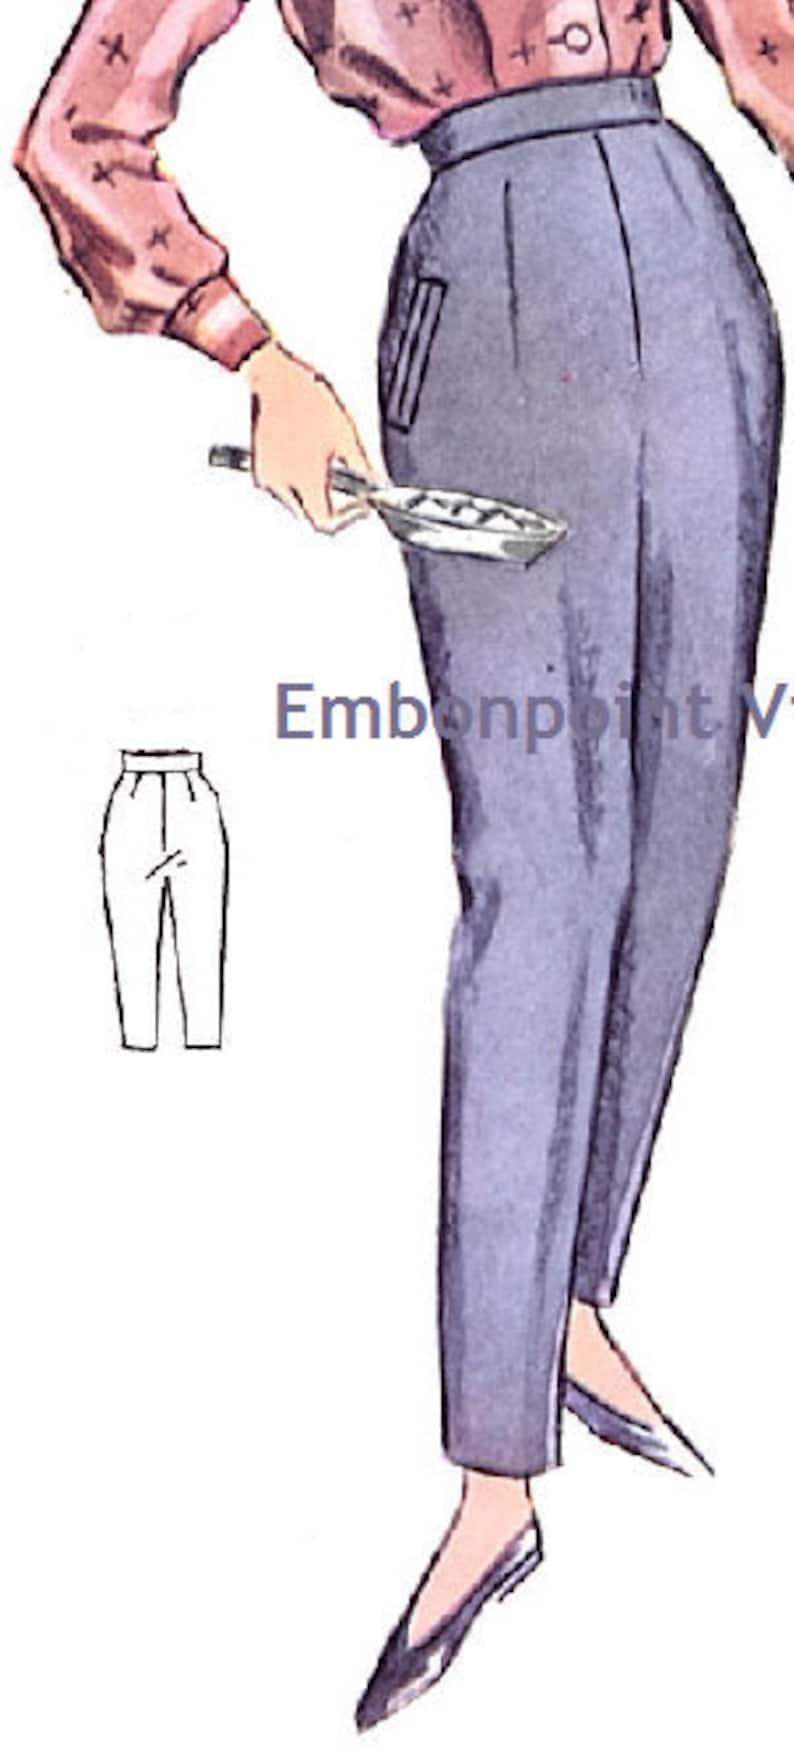 1950s Sewing Patterns | Dresses, Skirts, Tops, Mens Vintage 1950s Slacks Pattern - PDF - Pattern No 91b Marie Pants $6.33 AT vintagedancer.com